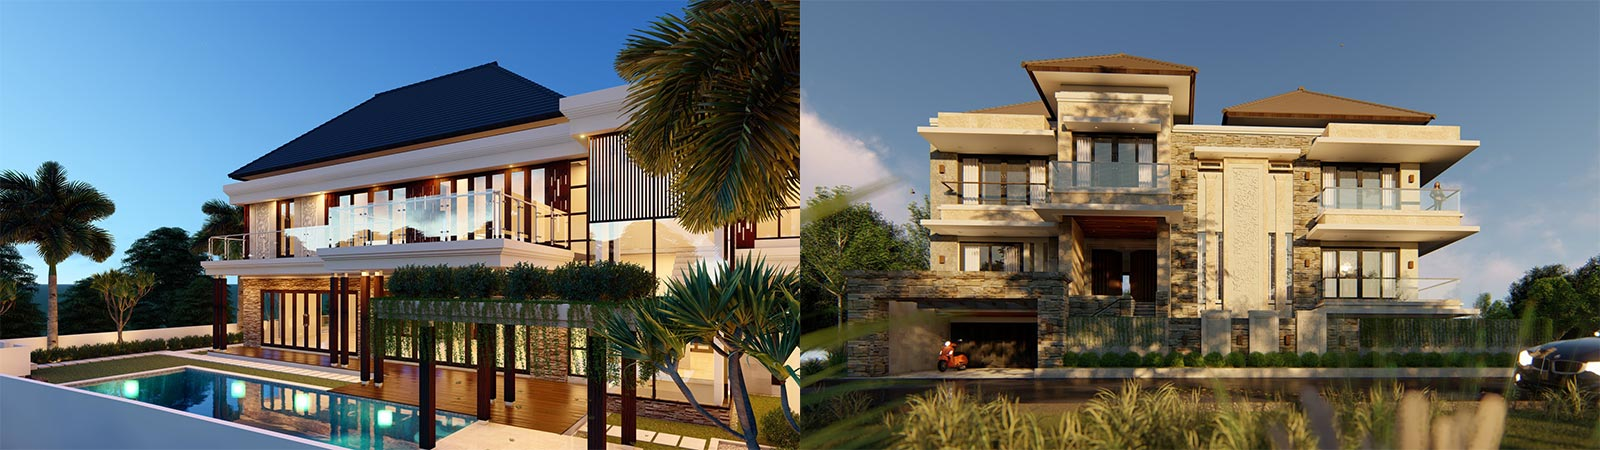 Jasa Arsitek Gambar Visual 3D Exterior